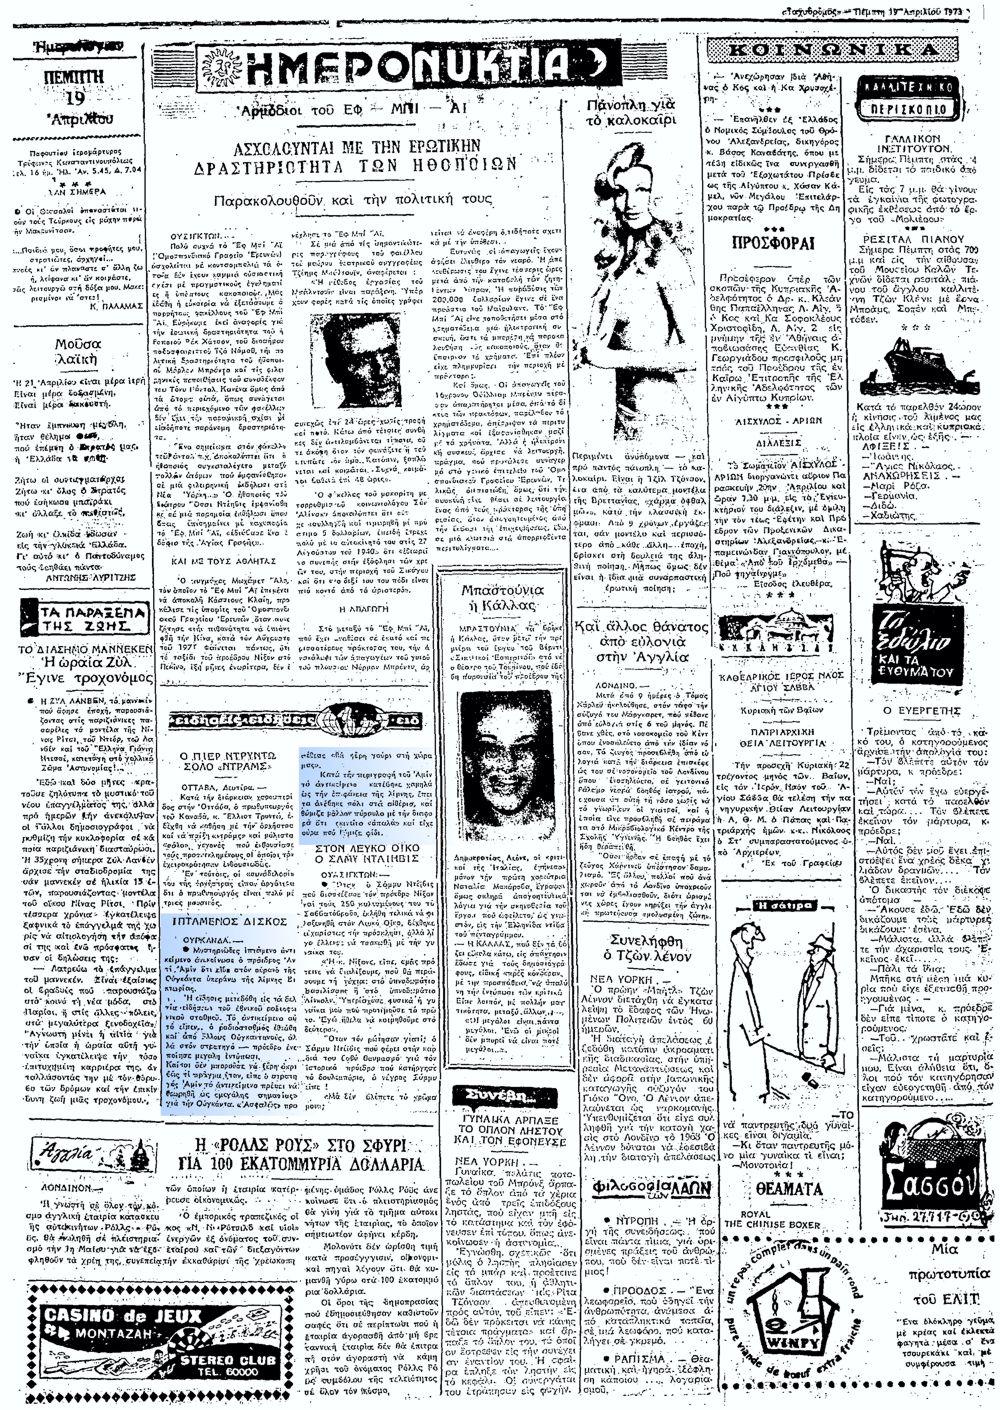 """Το άρθρο, όπως δημοσιεύθηκε στην εφημερίδα """"ΤΑΧΥΔΡΟΜΟΣ"""", στις 19/04/1973"""